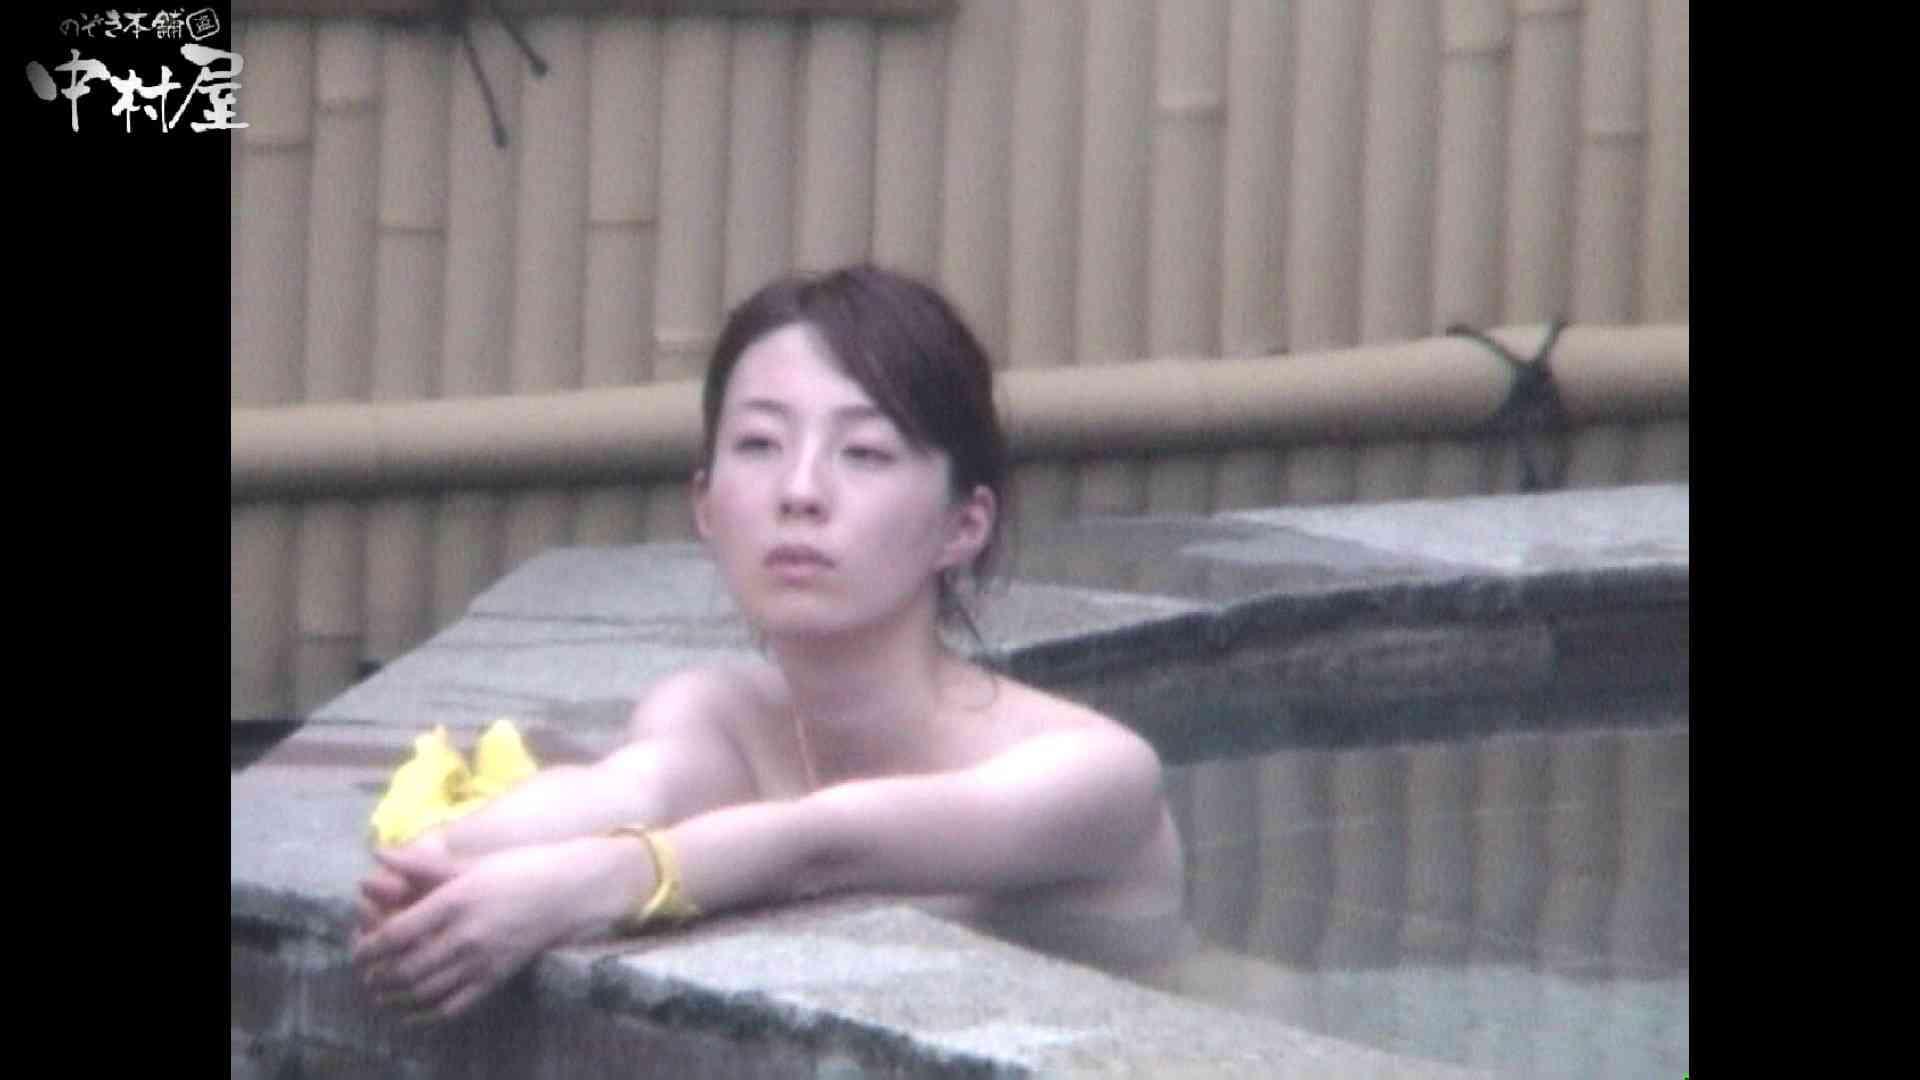 Aquaな露天風呂Vol.964 0  101pic 92